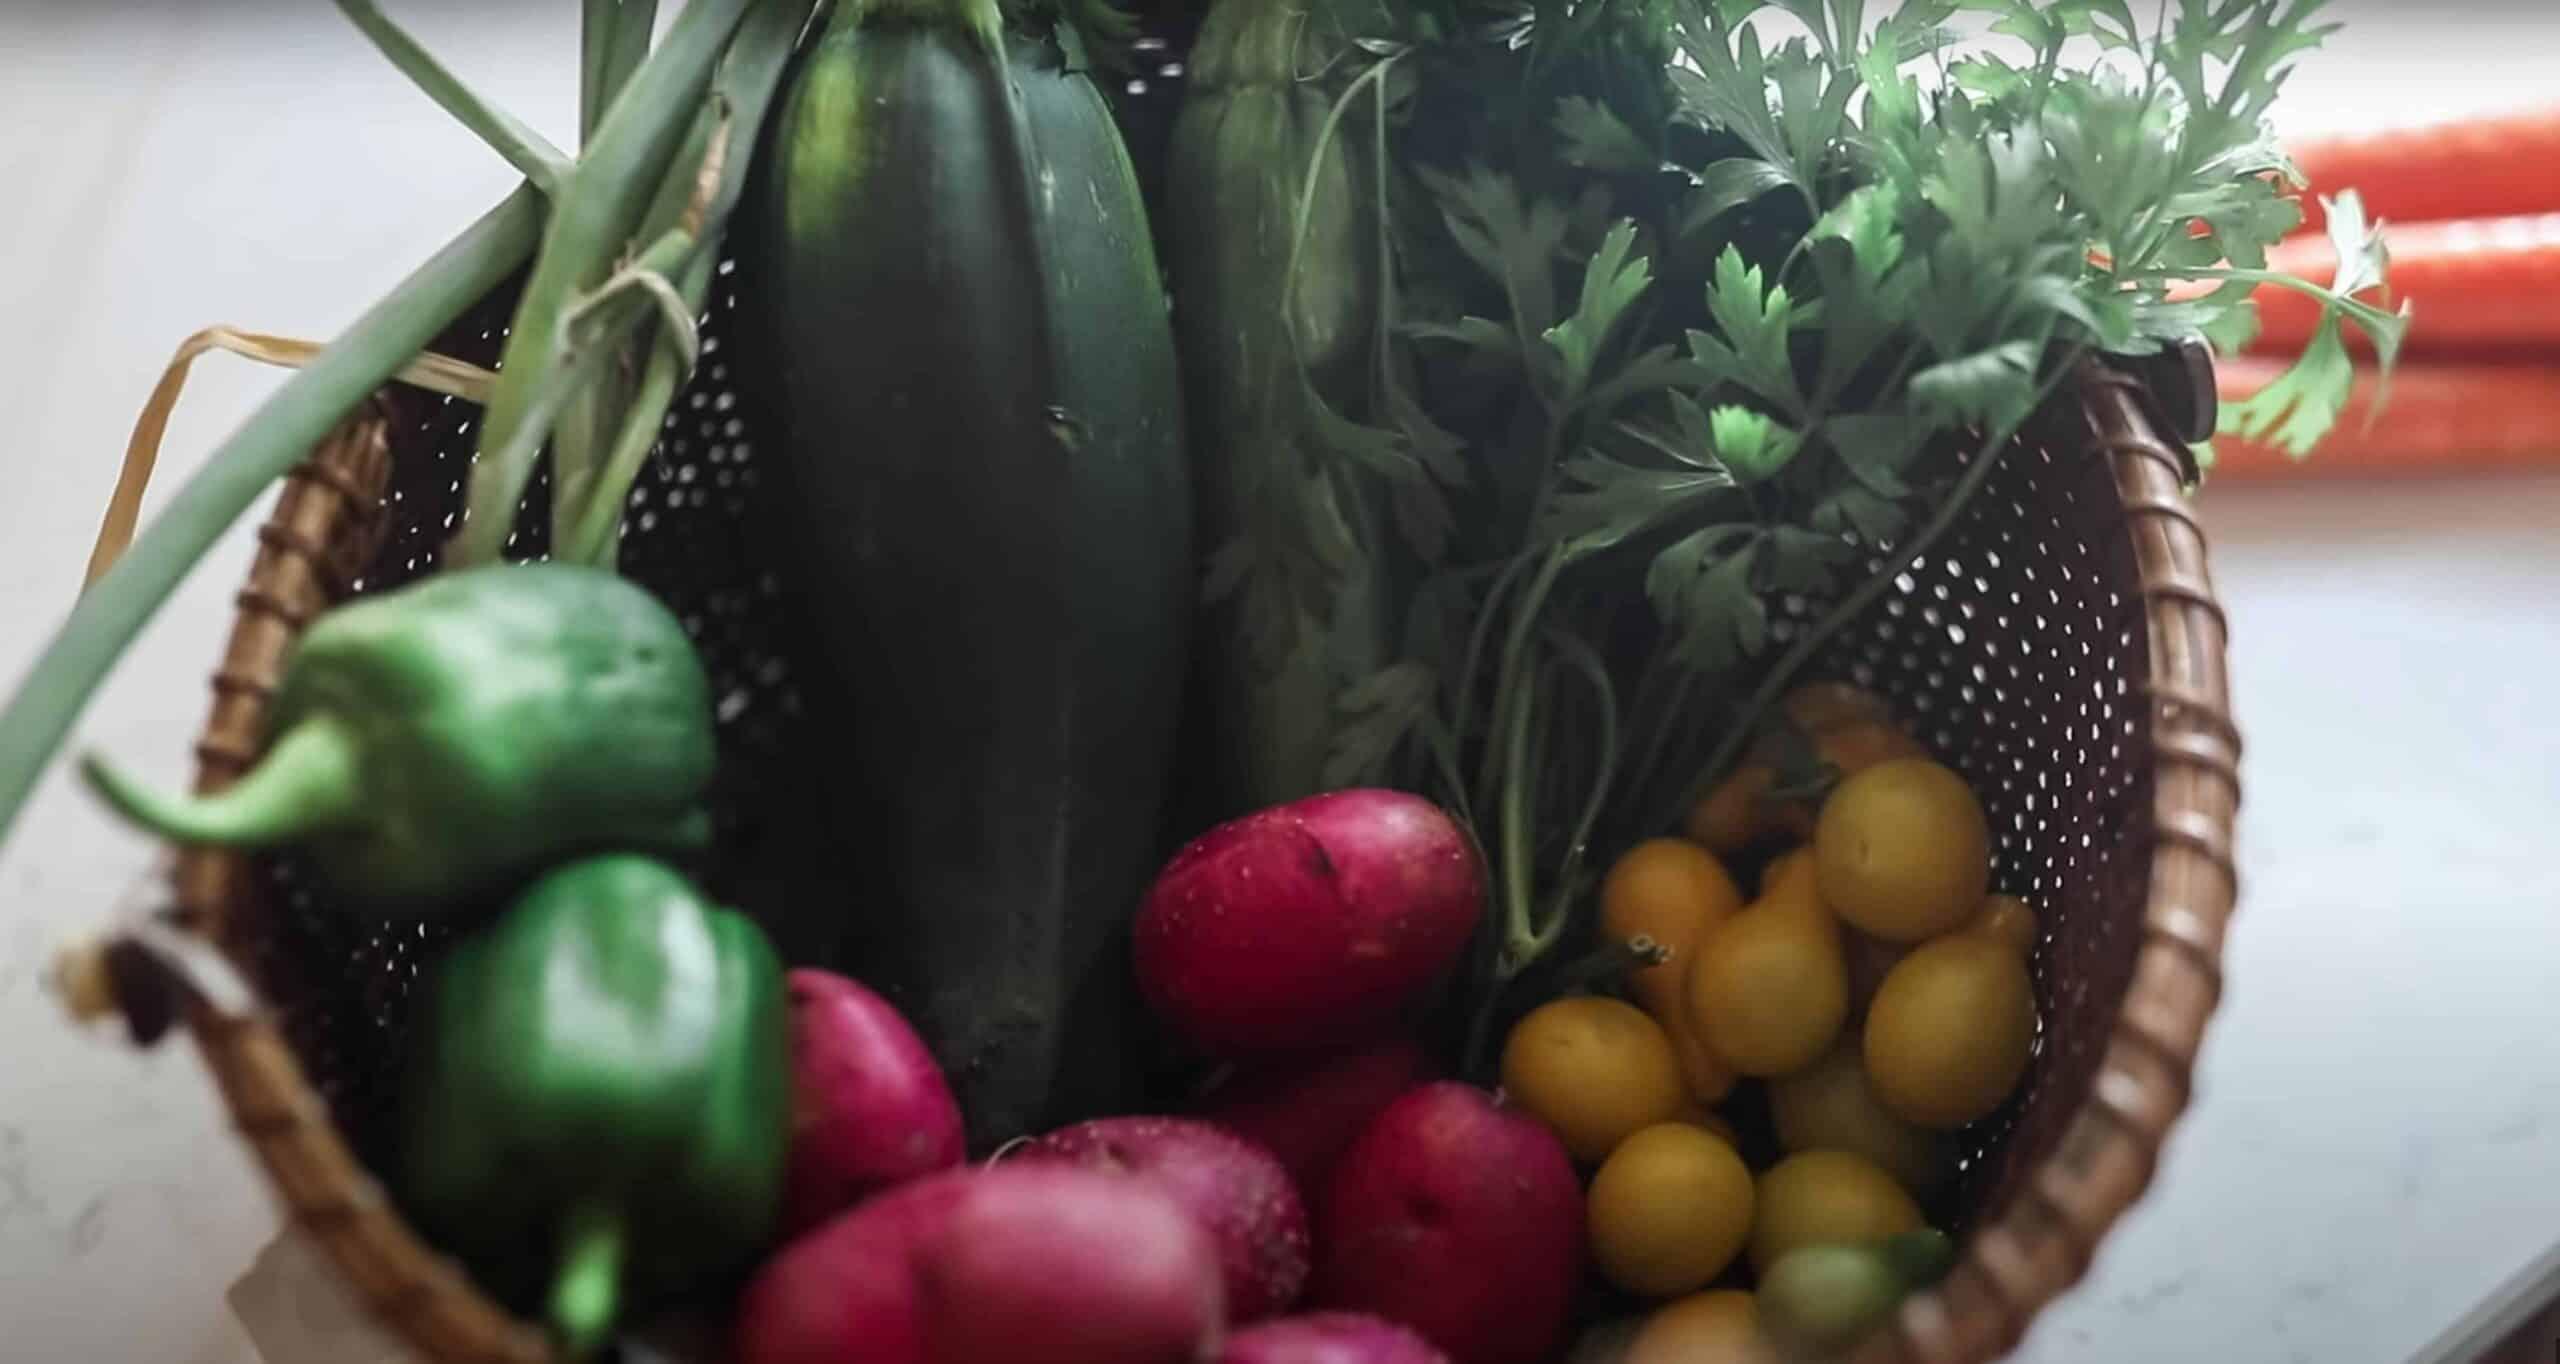 bowl of garden veggies on a white countertop